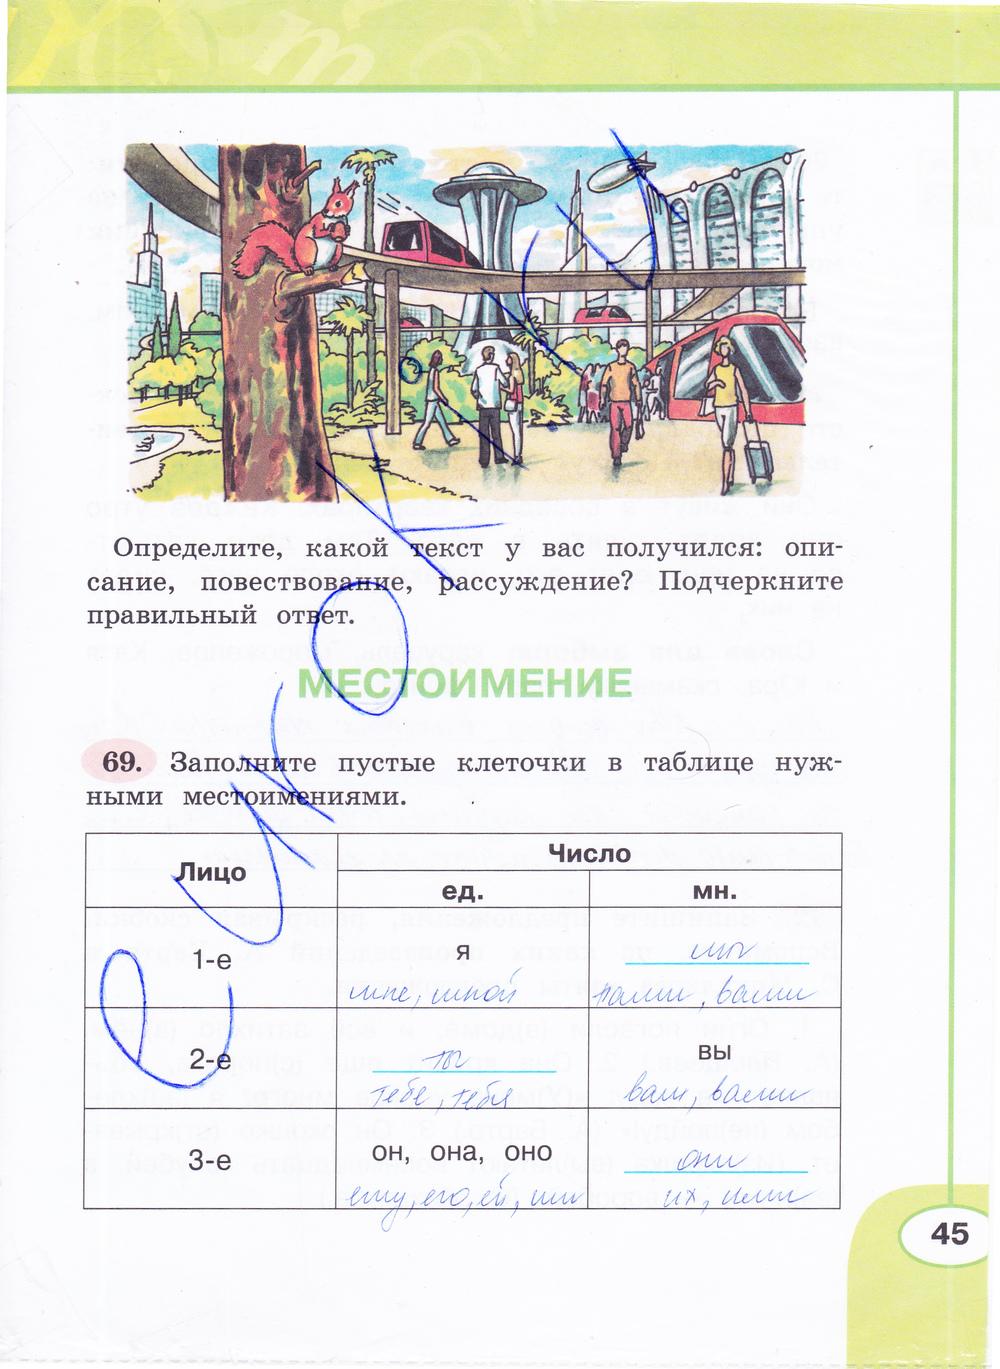 Решебник По Русскому Языку 2 Класс Климанова Бабушкина 2 Часть 2 Класс